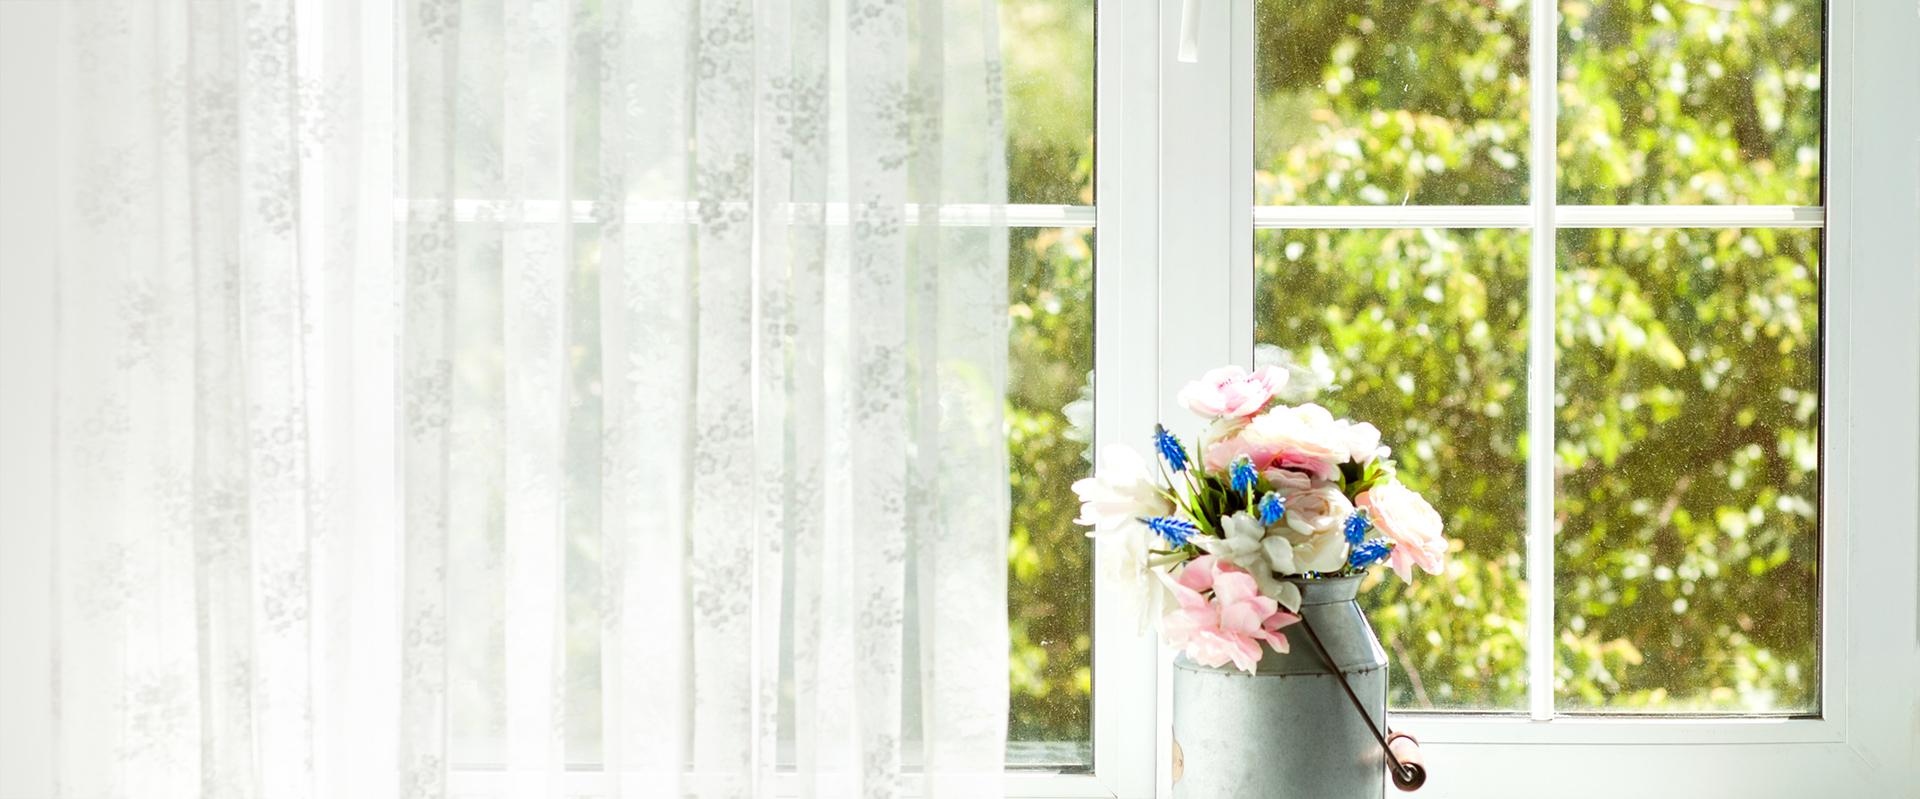 картинка окна на дачу ижевск